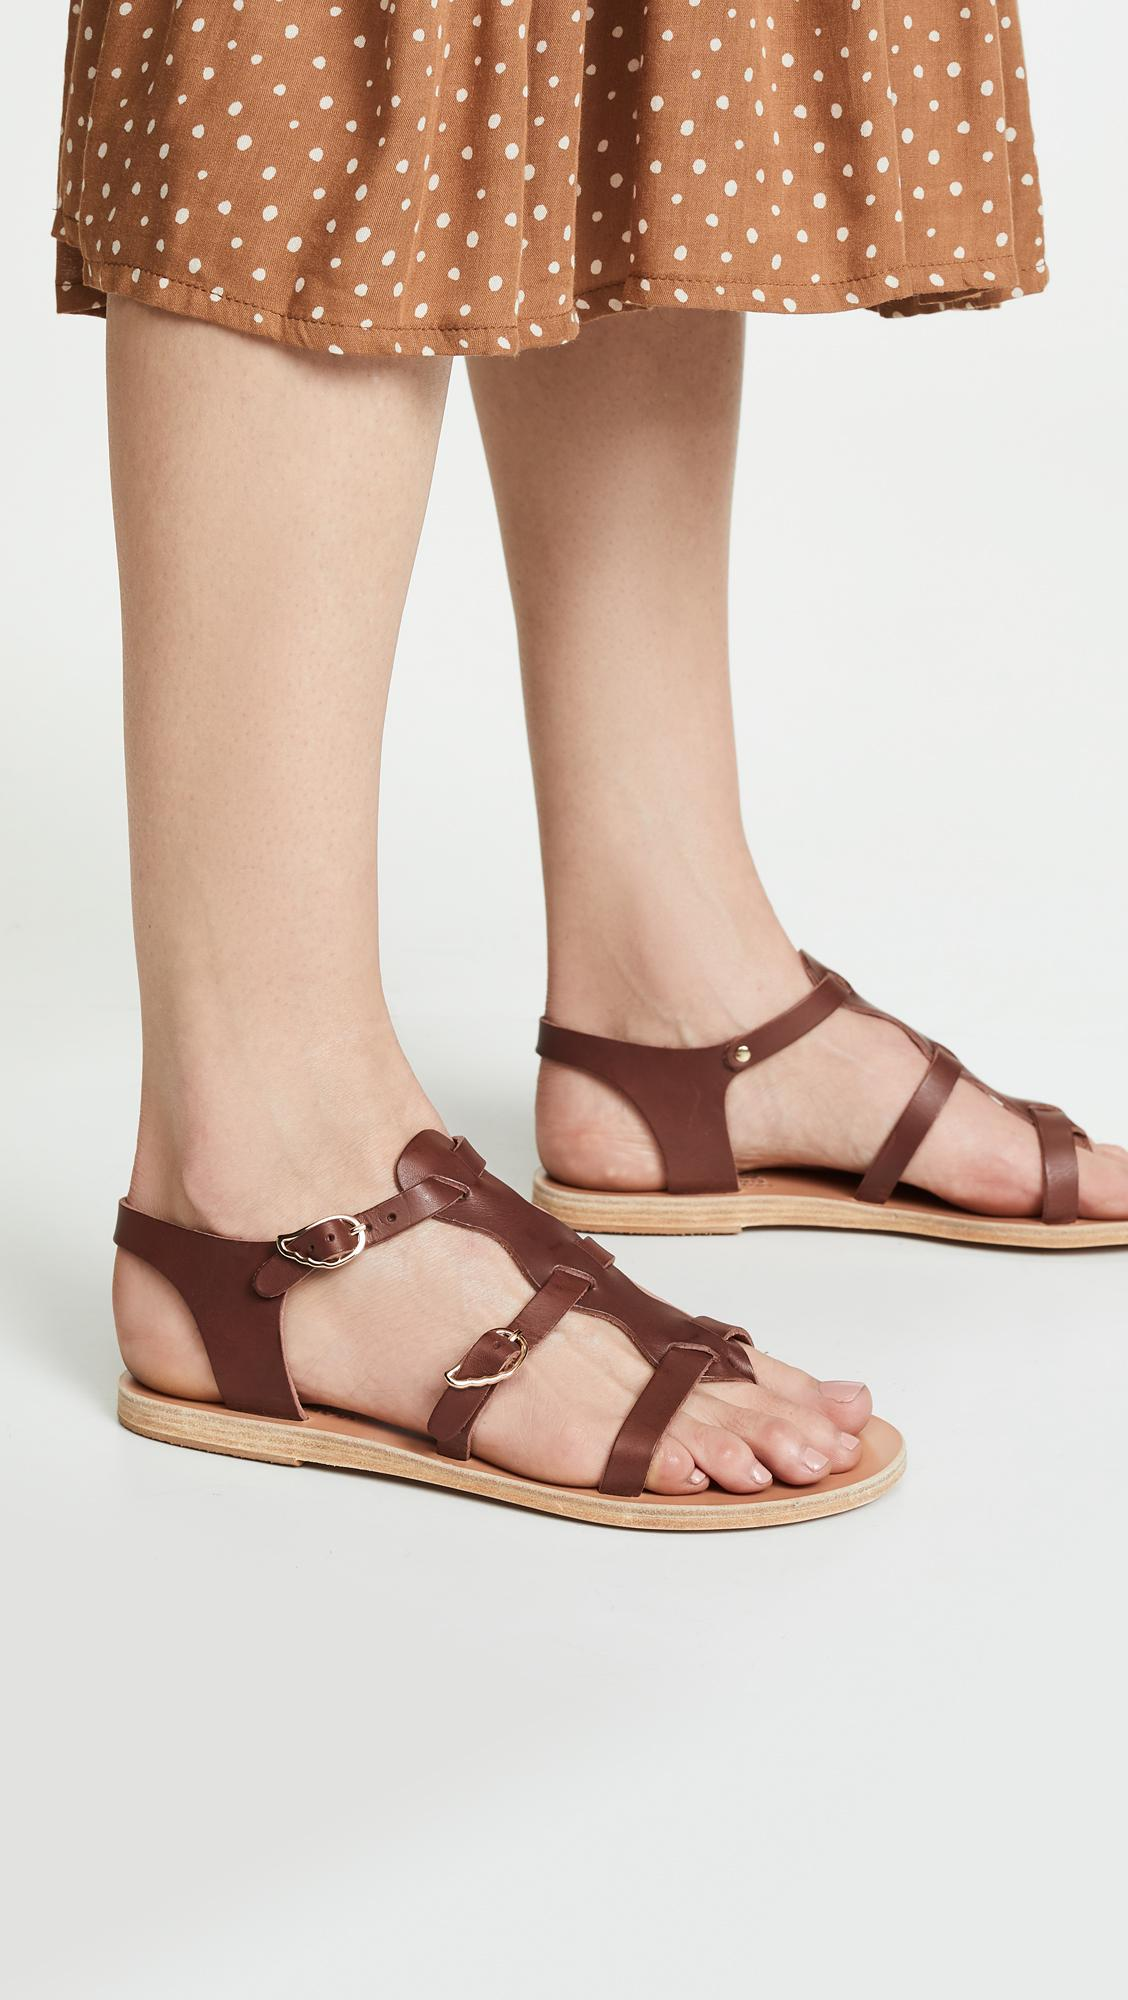 9eb87b391 Ancient Greek Sandals - Brown Grace Kelly Sandals - Lyst. View fullscreen